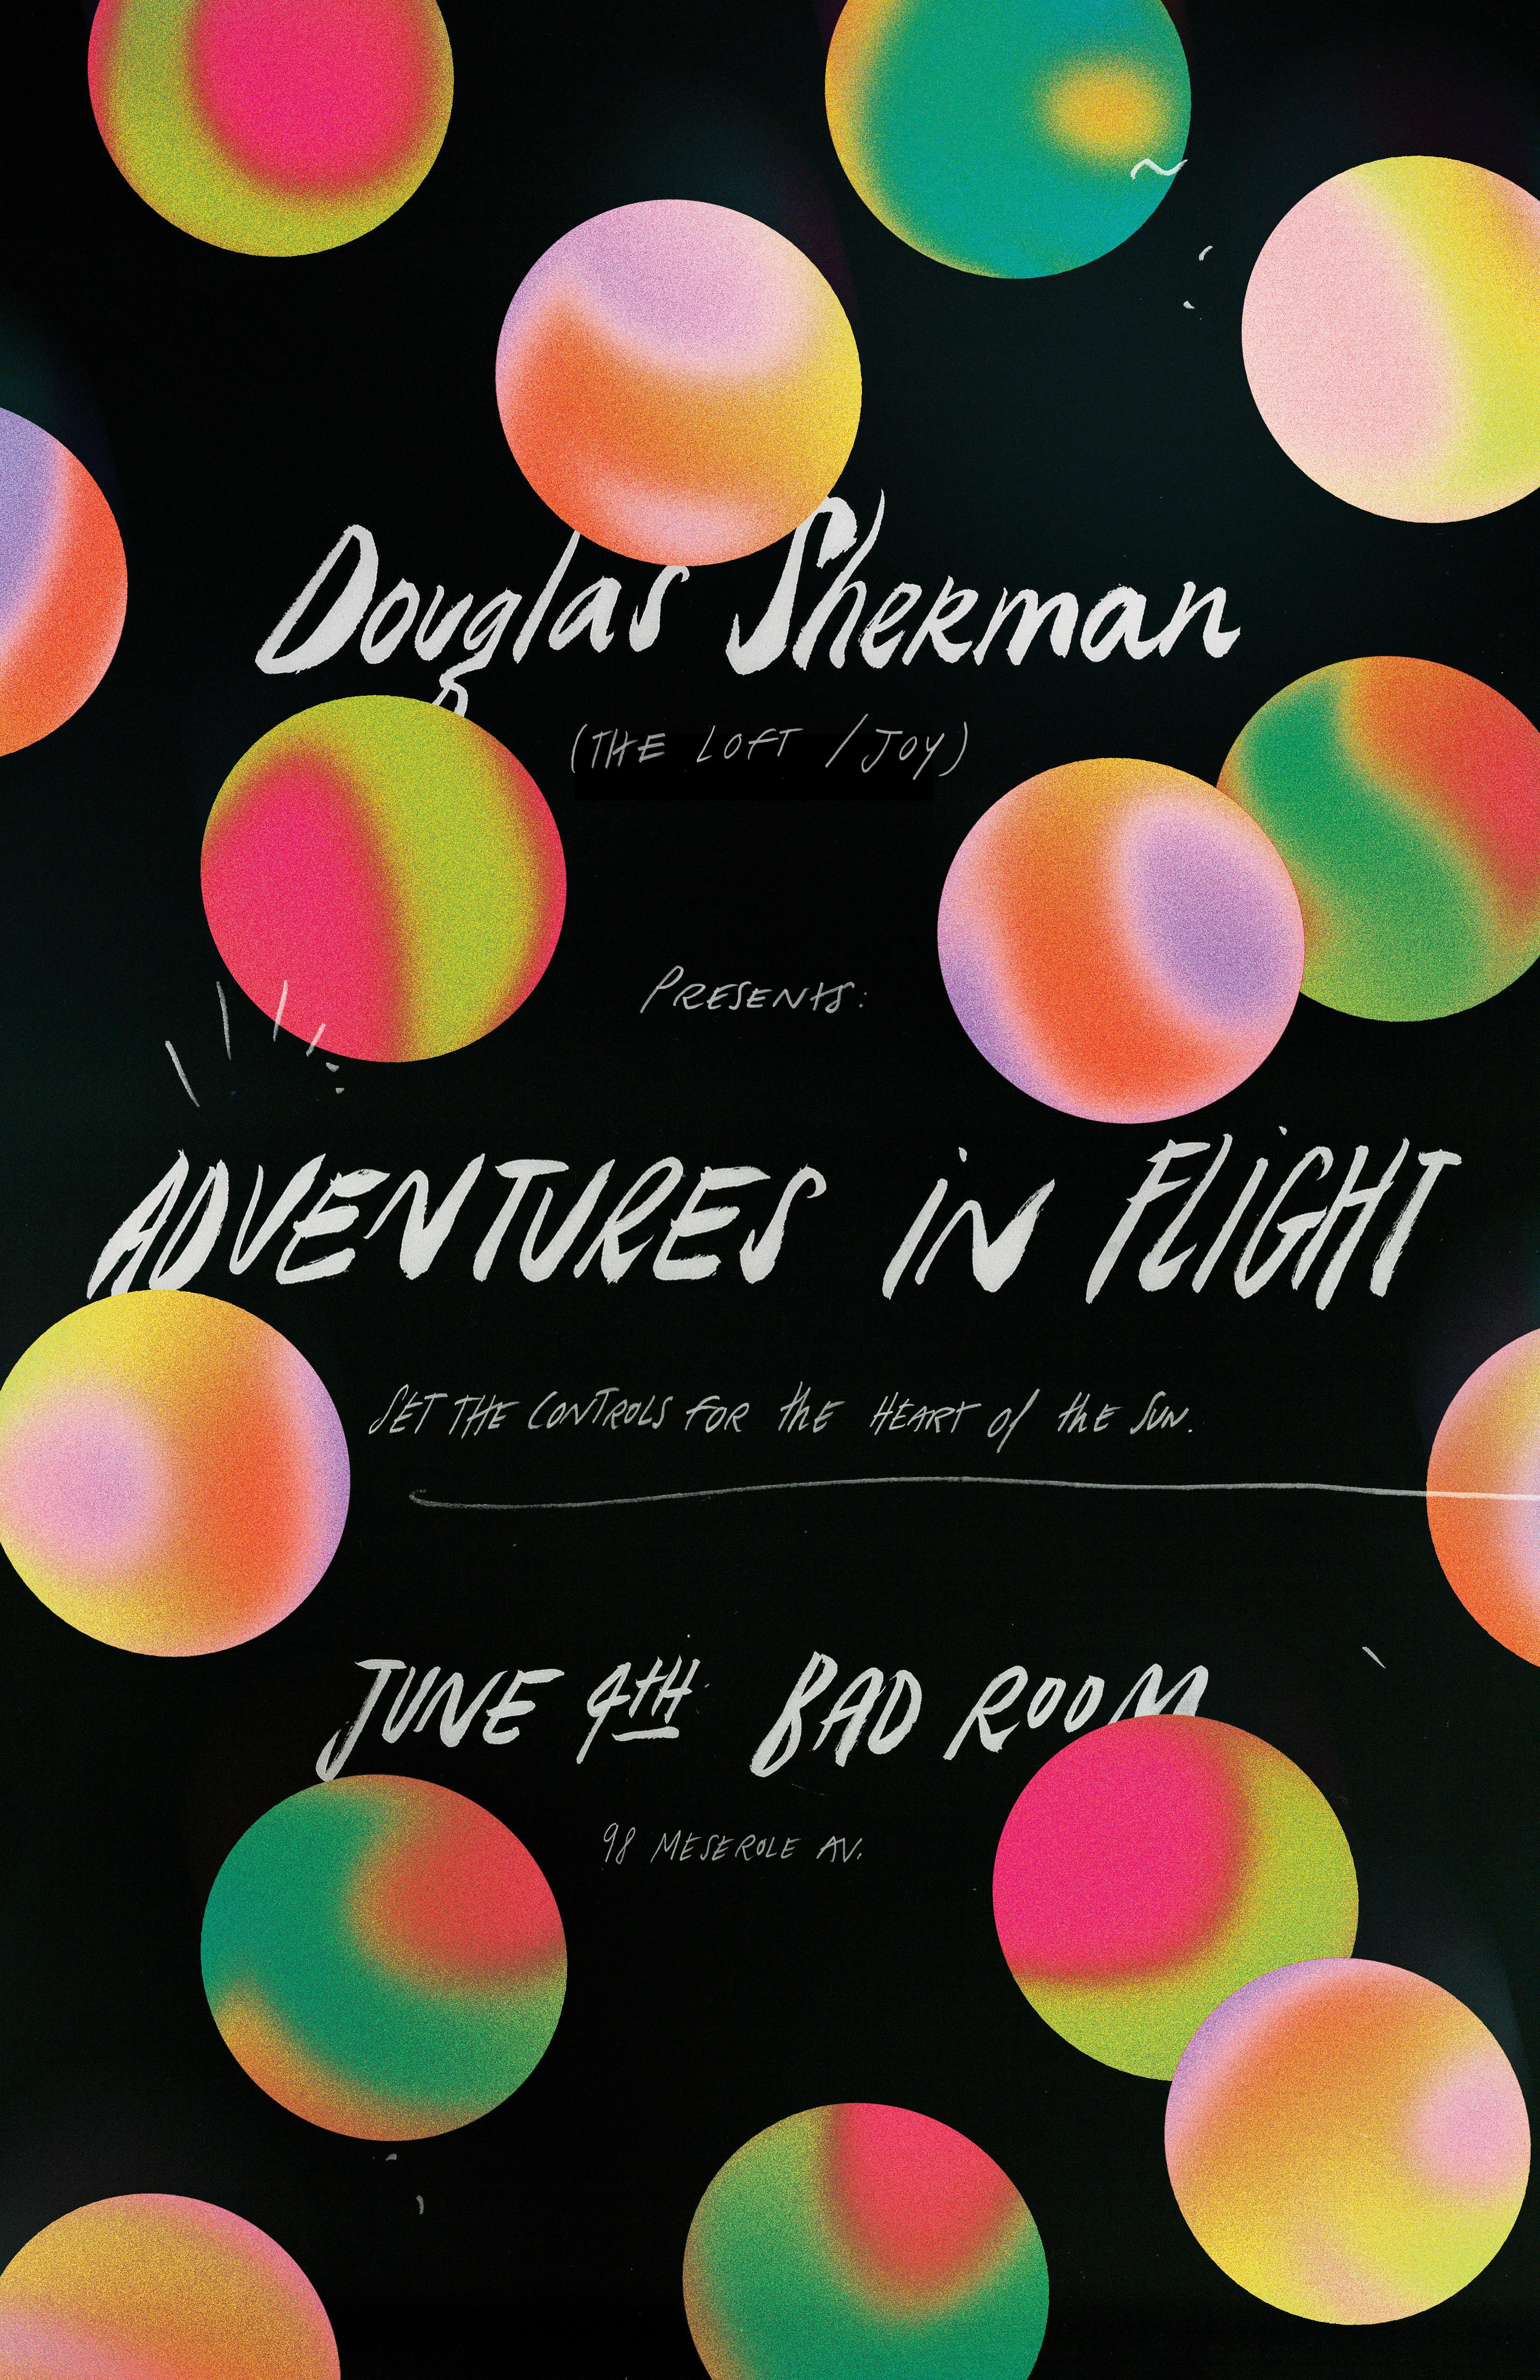 Douglas Sherman